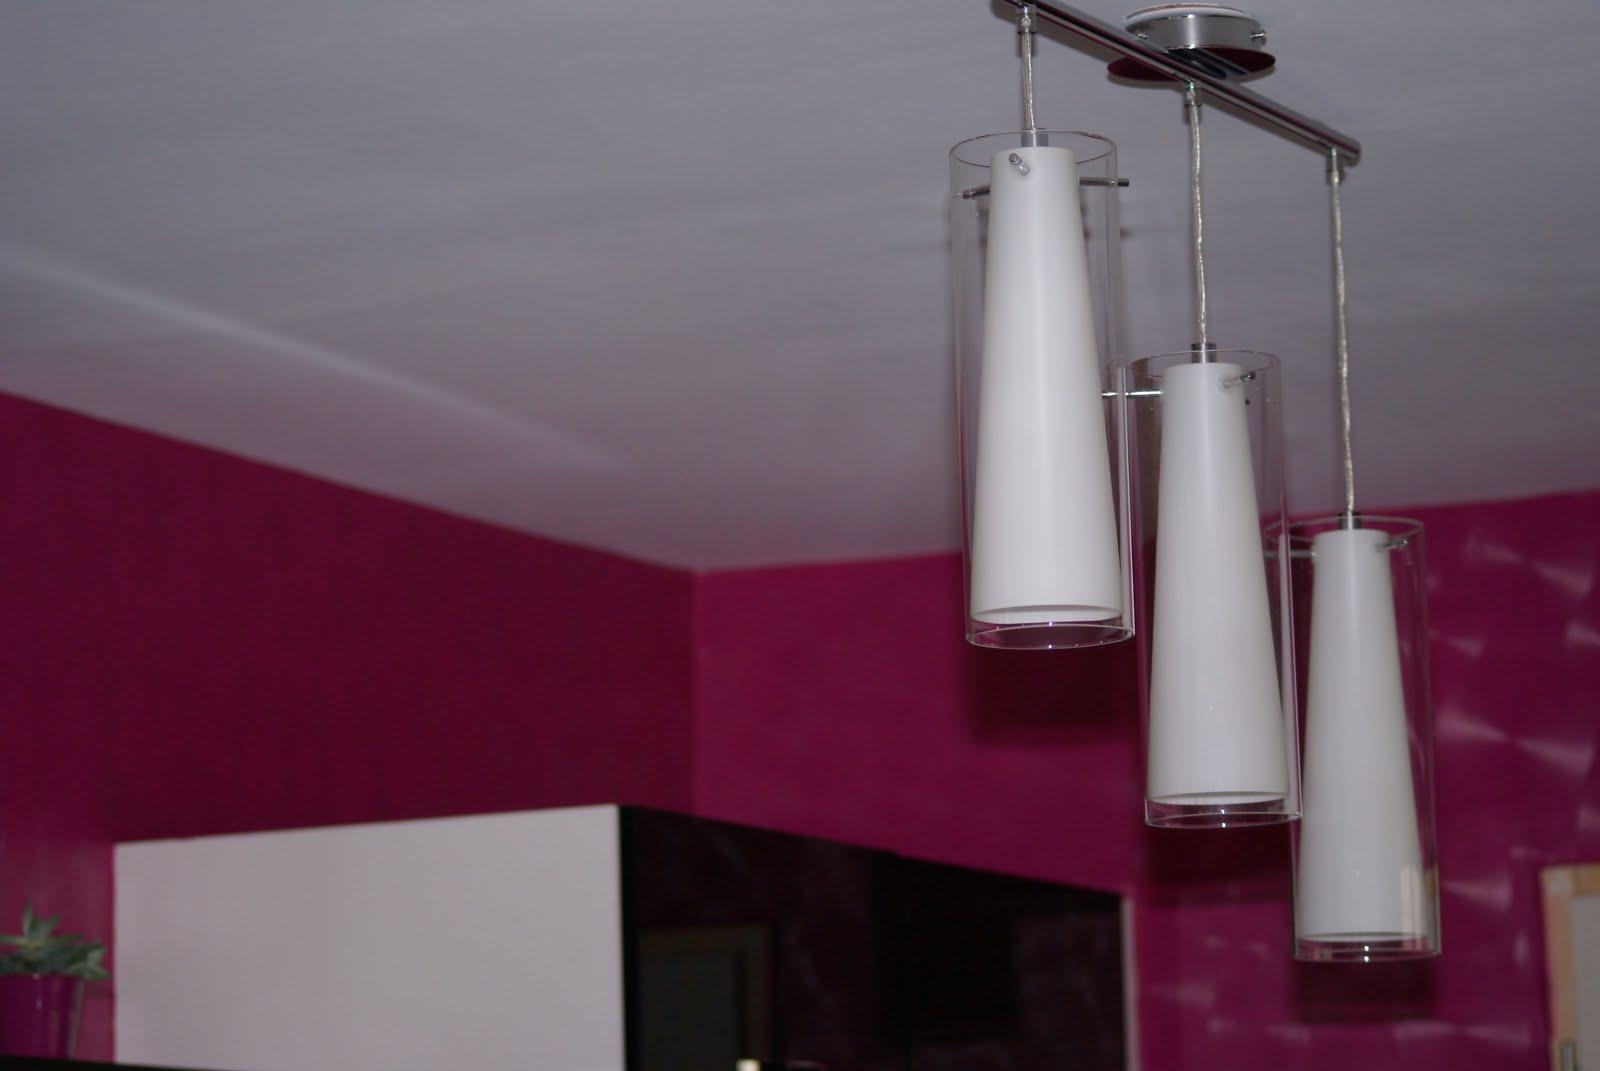 vos travaux cle en main cabourg calvados possiblit de d placement am nagement. Black Bedroom Furniture Sets. Home Design Ideas